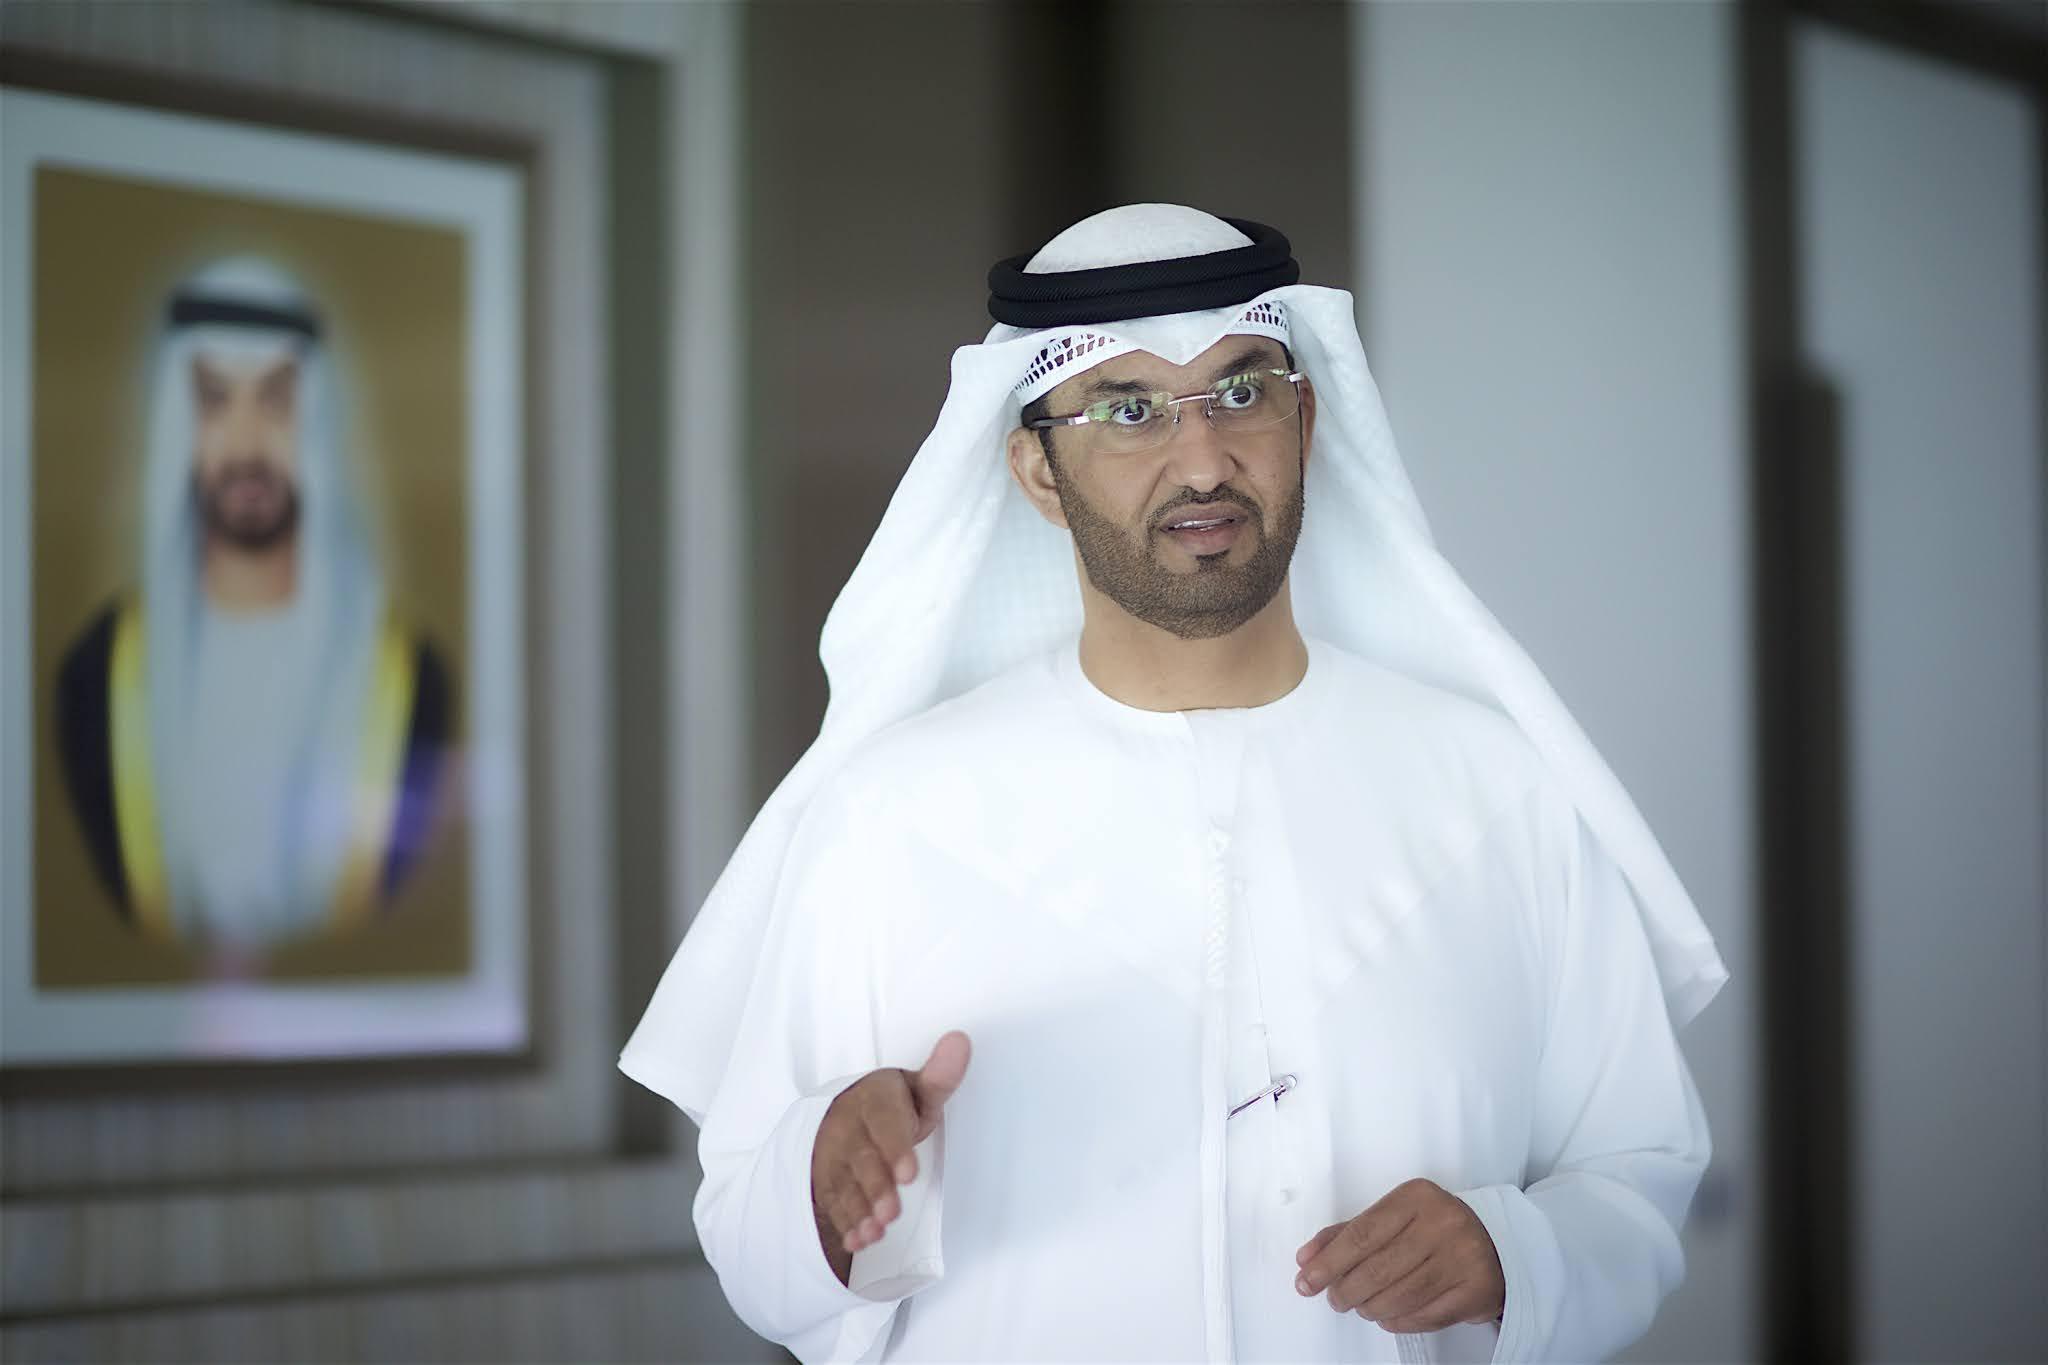 Hydrogen could be a game-changer - Dr Al Jaber